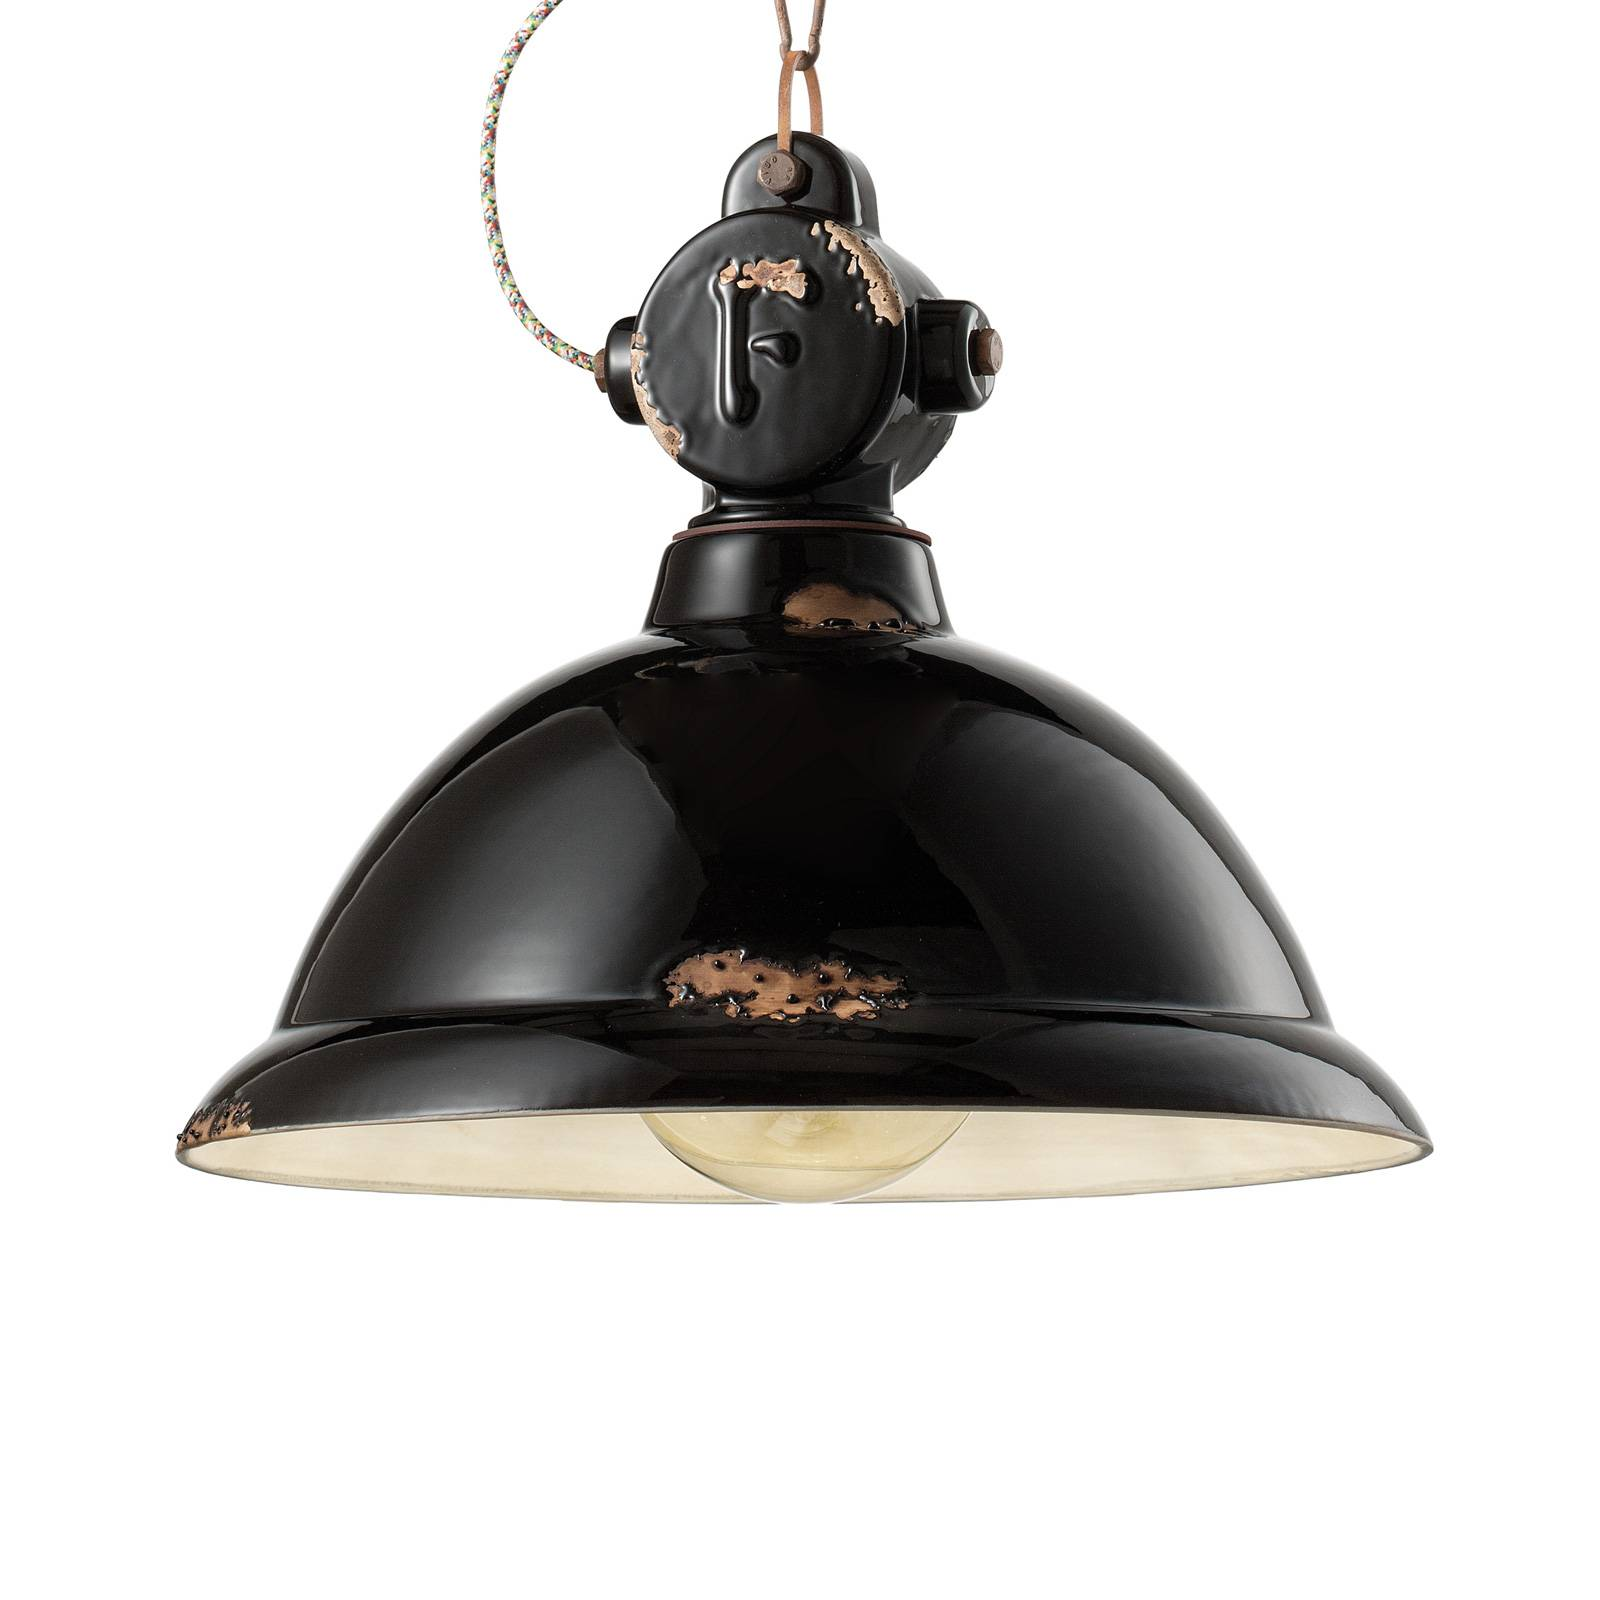 Hängeleuchte C1710 aus Keramik, schwarz